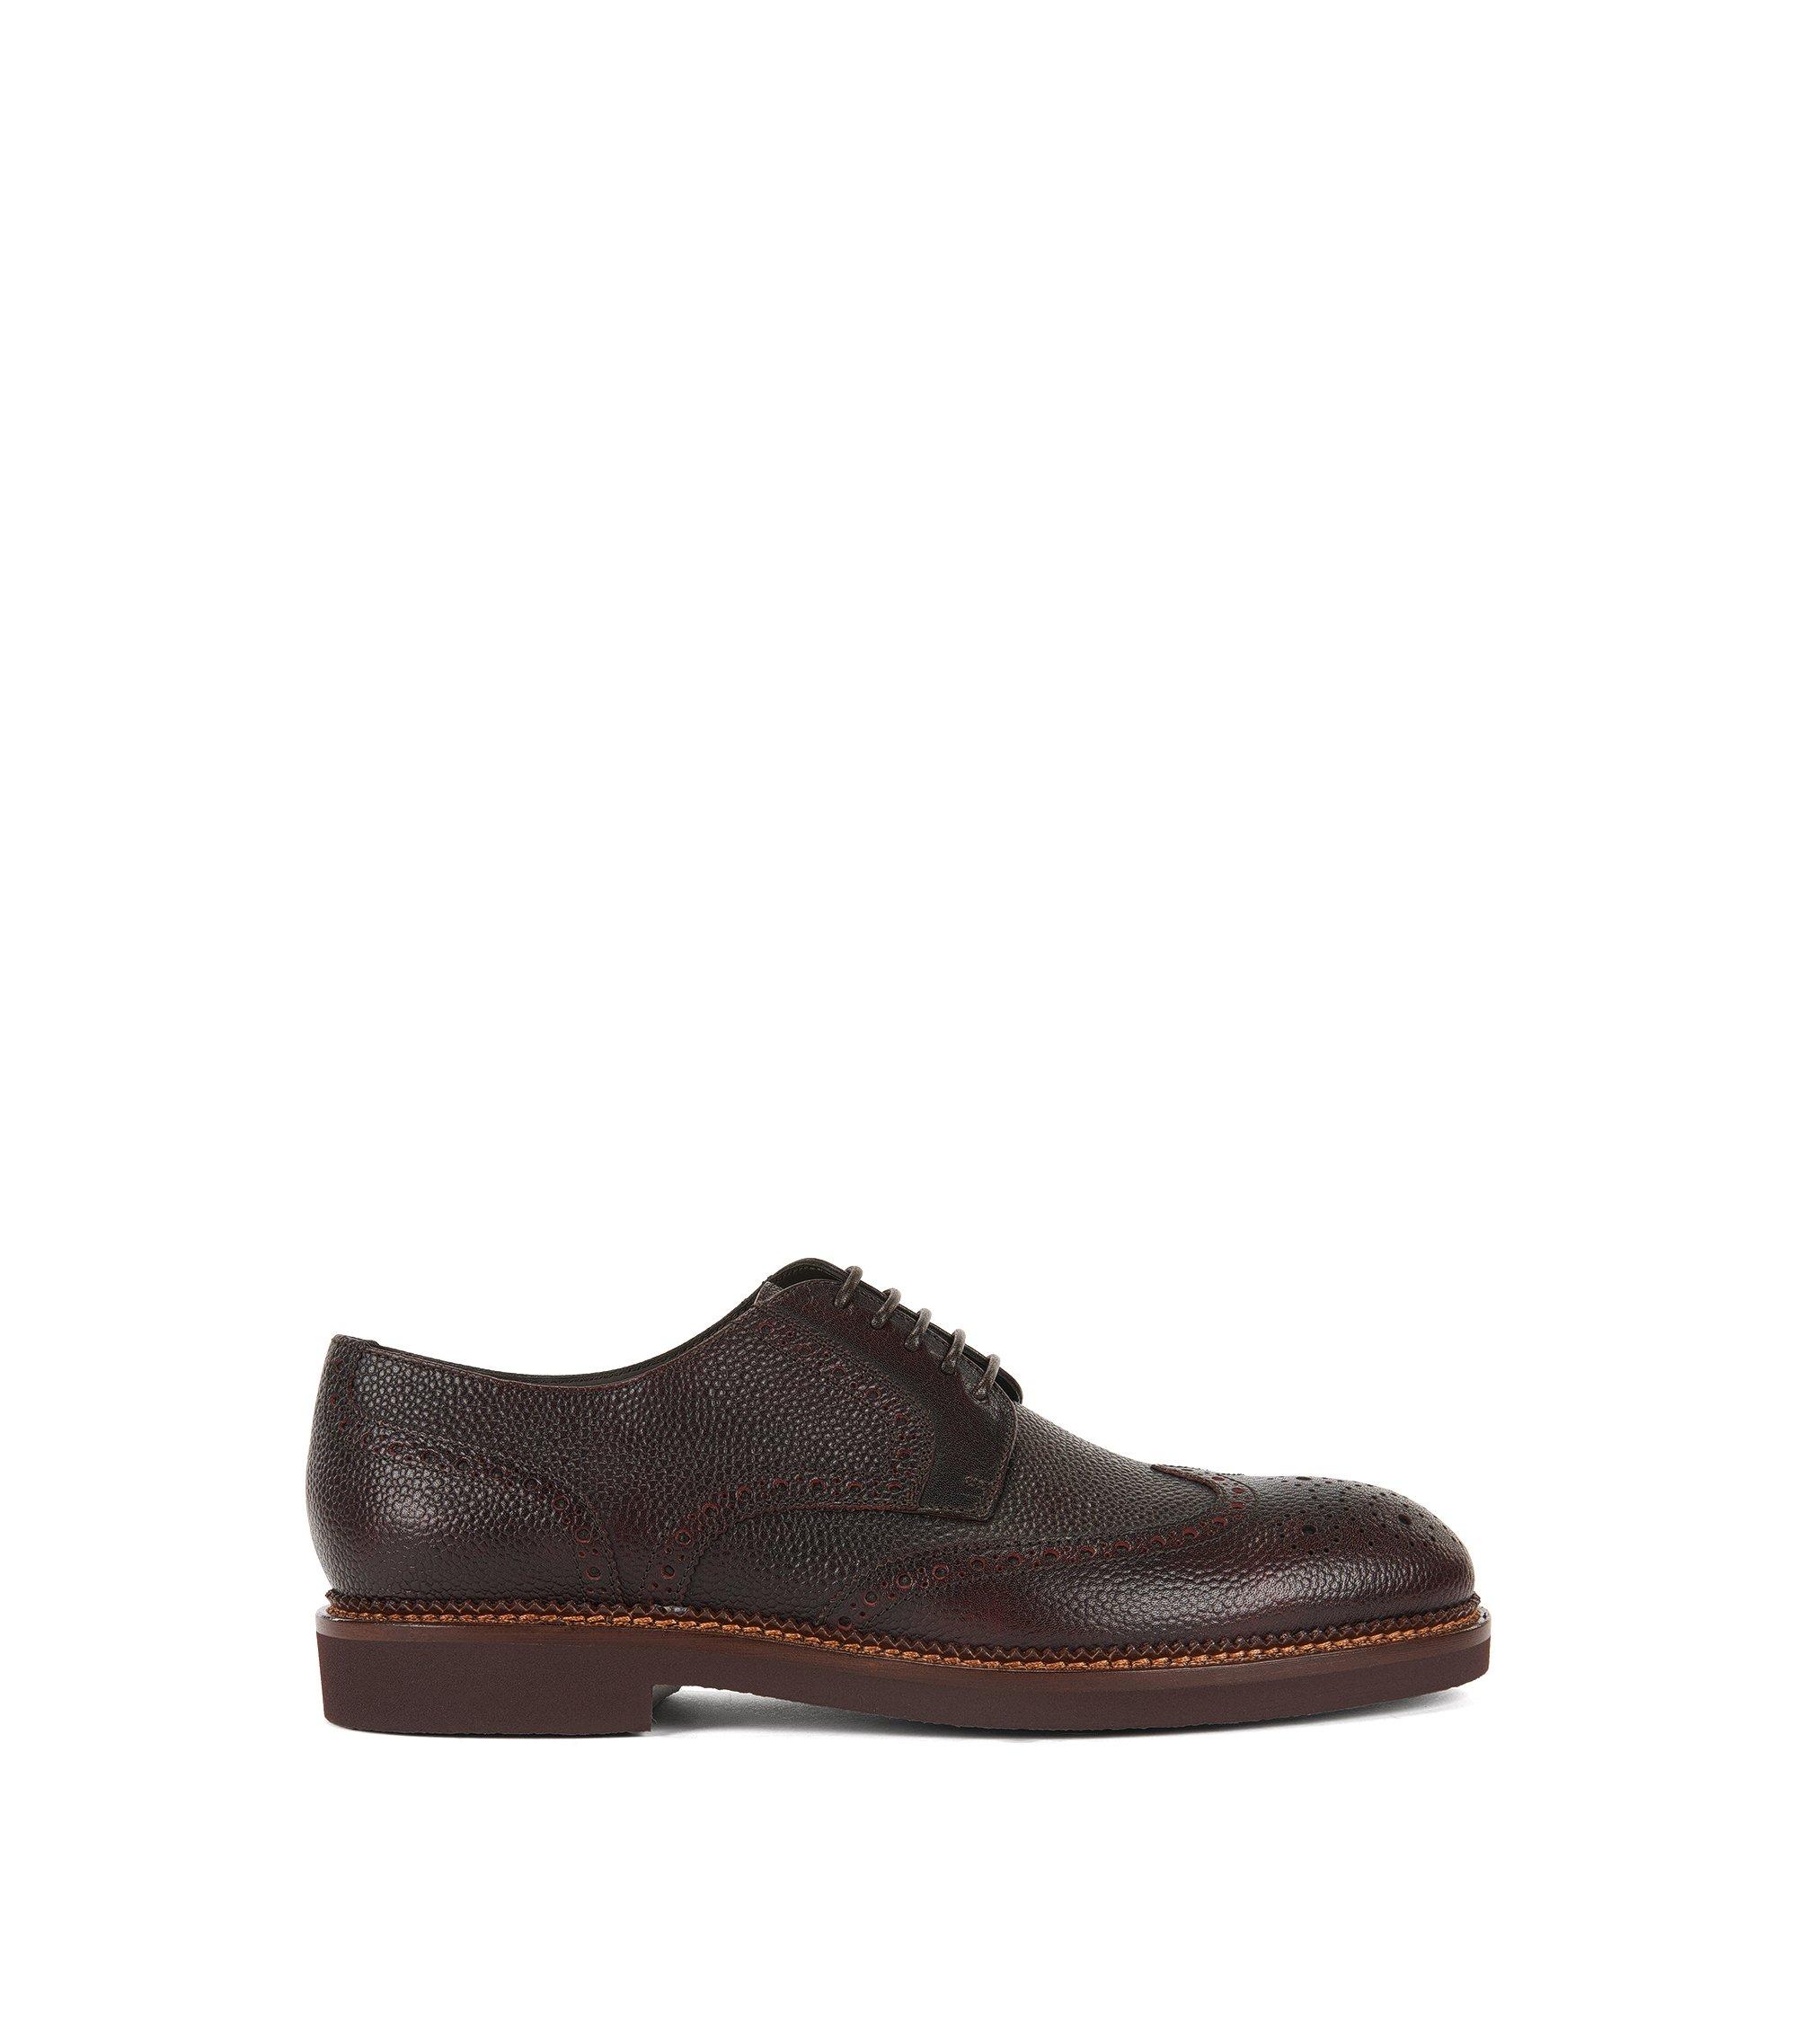 Chaussures richelieu lacées en cuir grainé, Rouge sombre